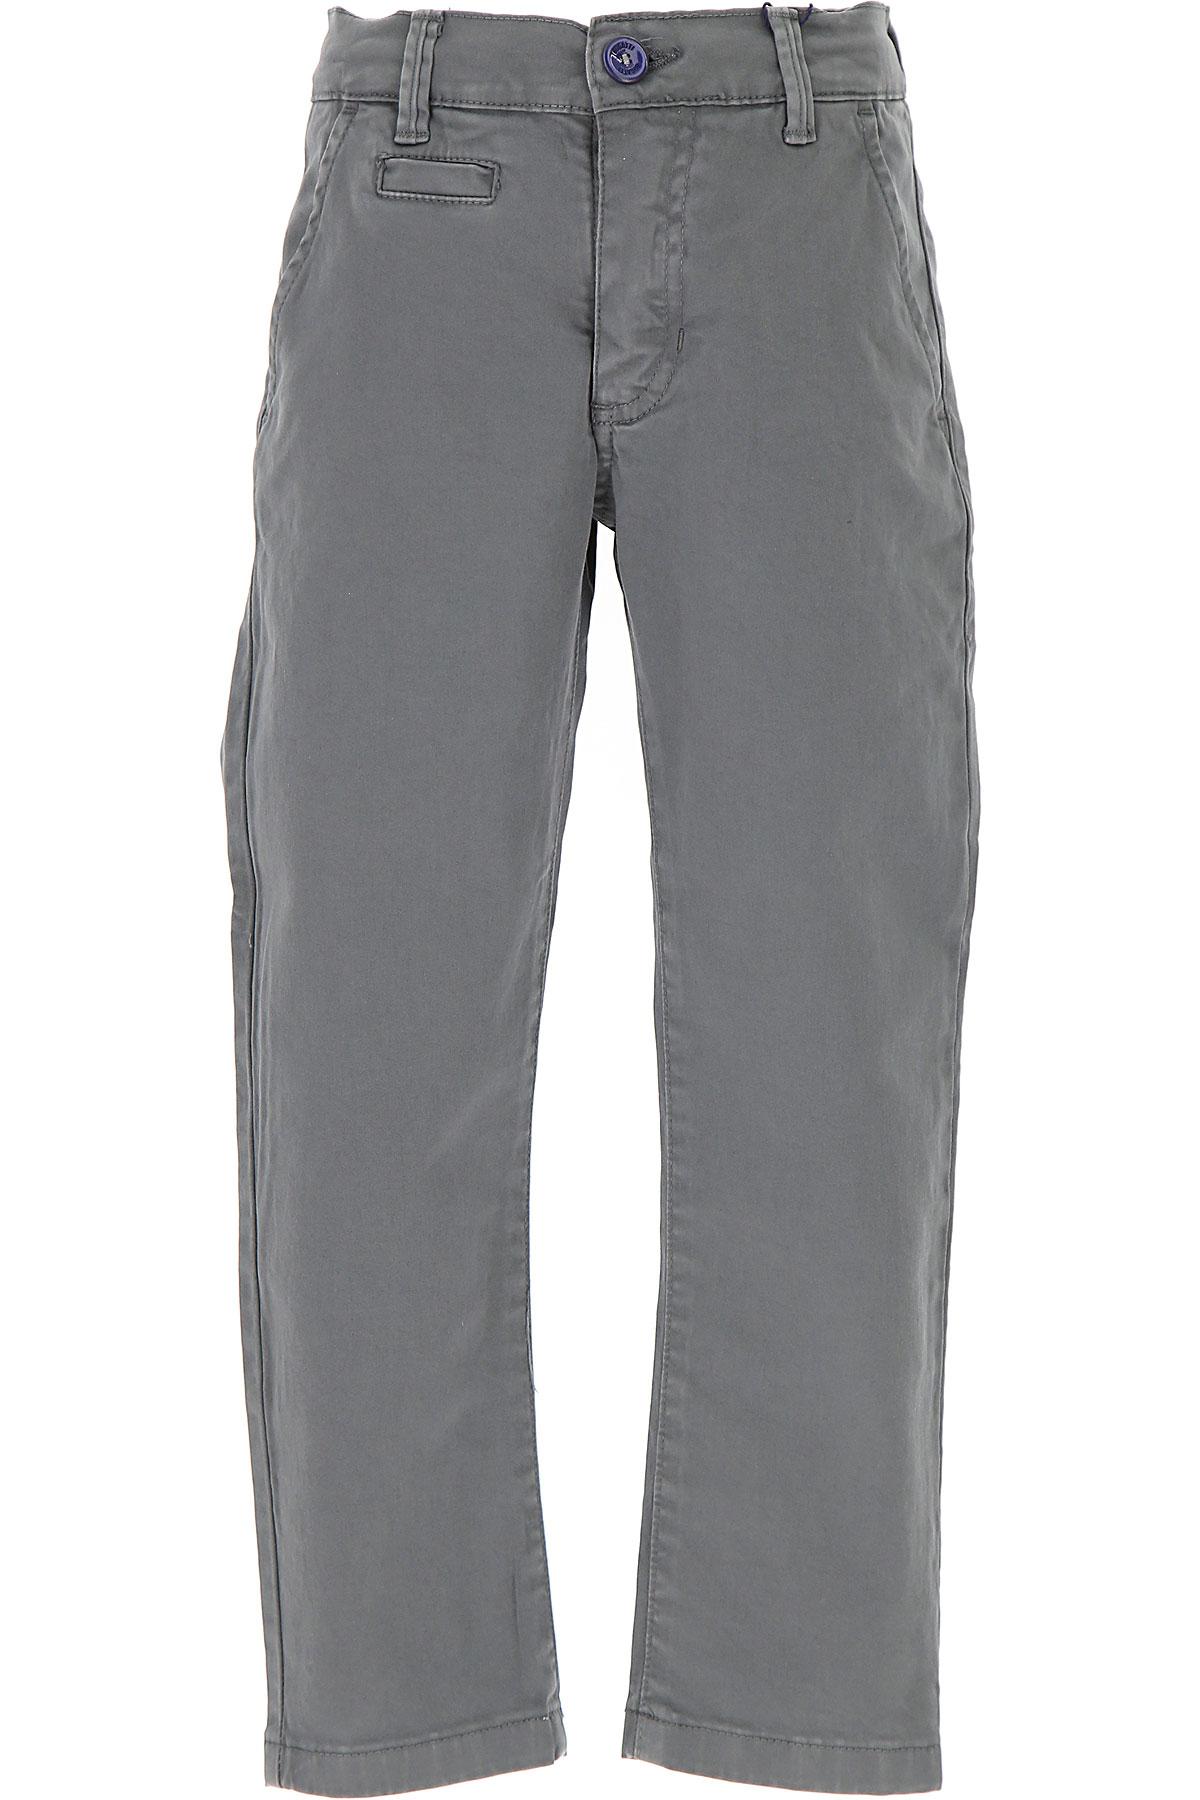 Image of Bugatti Kids Pants for Boys, Grey, Cotton, 2017, 2Y 3Y 4Y 5Y 6Y 7Y